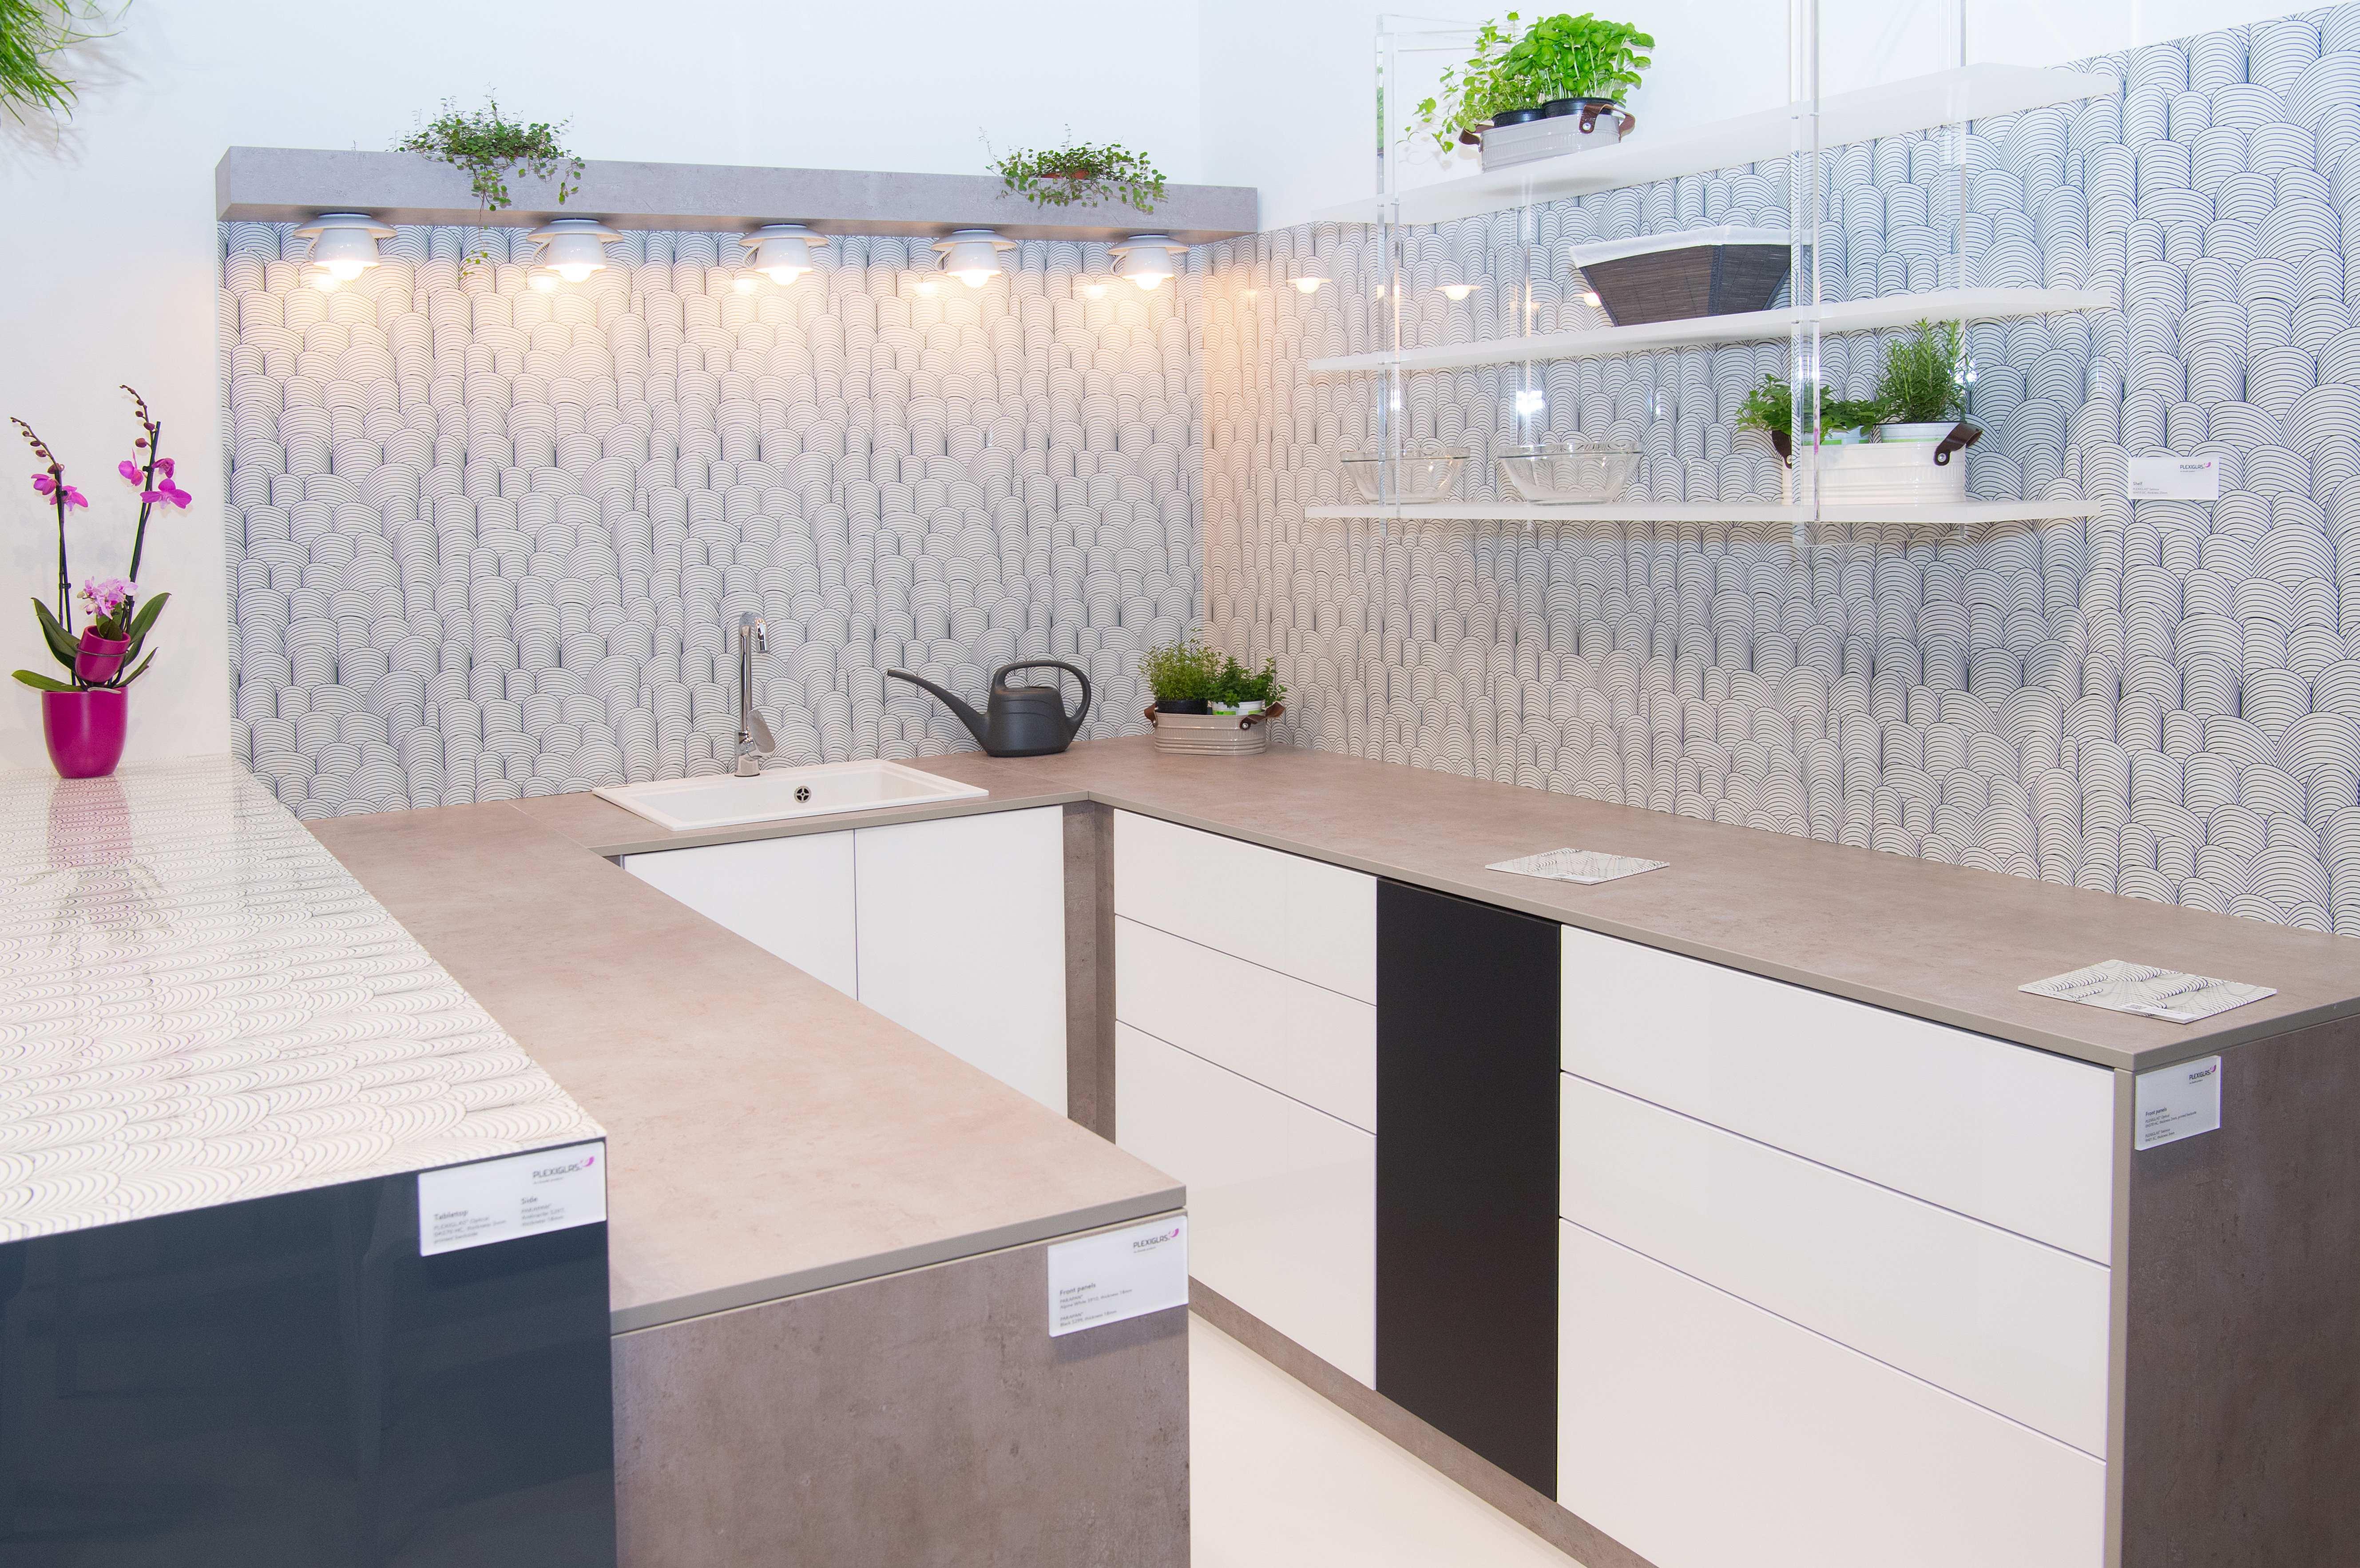 Arredamento per la casa: idee e consigli per arredare.